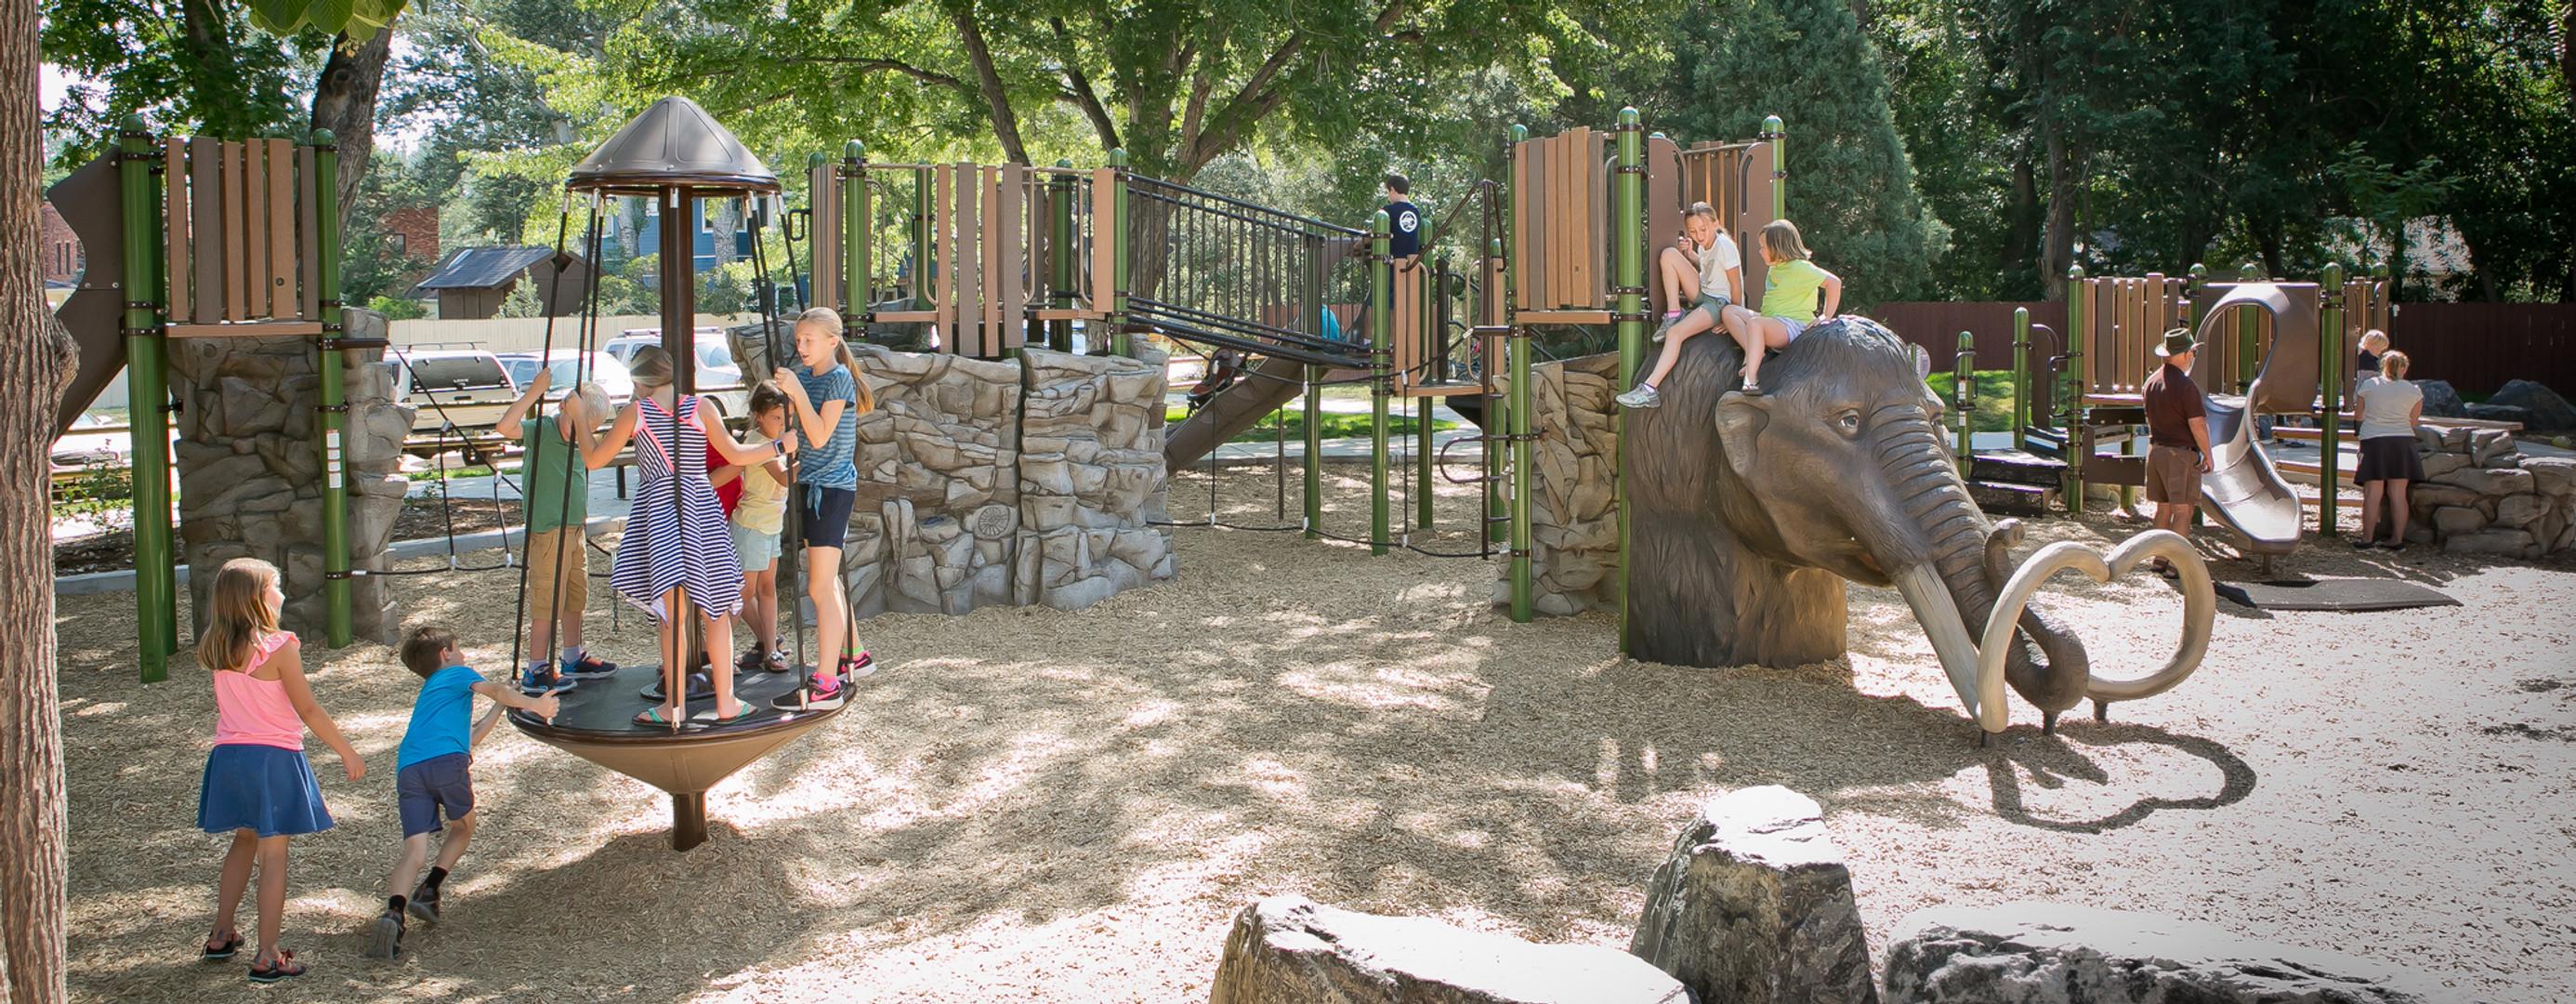 CO - Niwot Childrens Park - 86.jpg